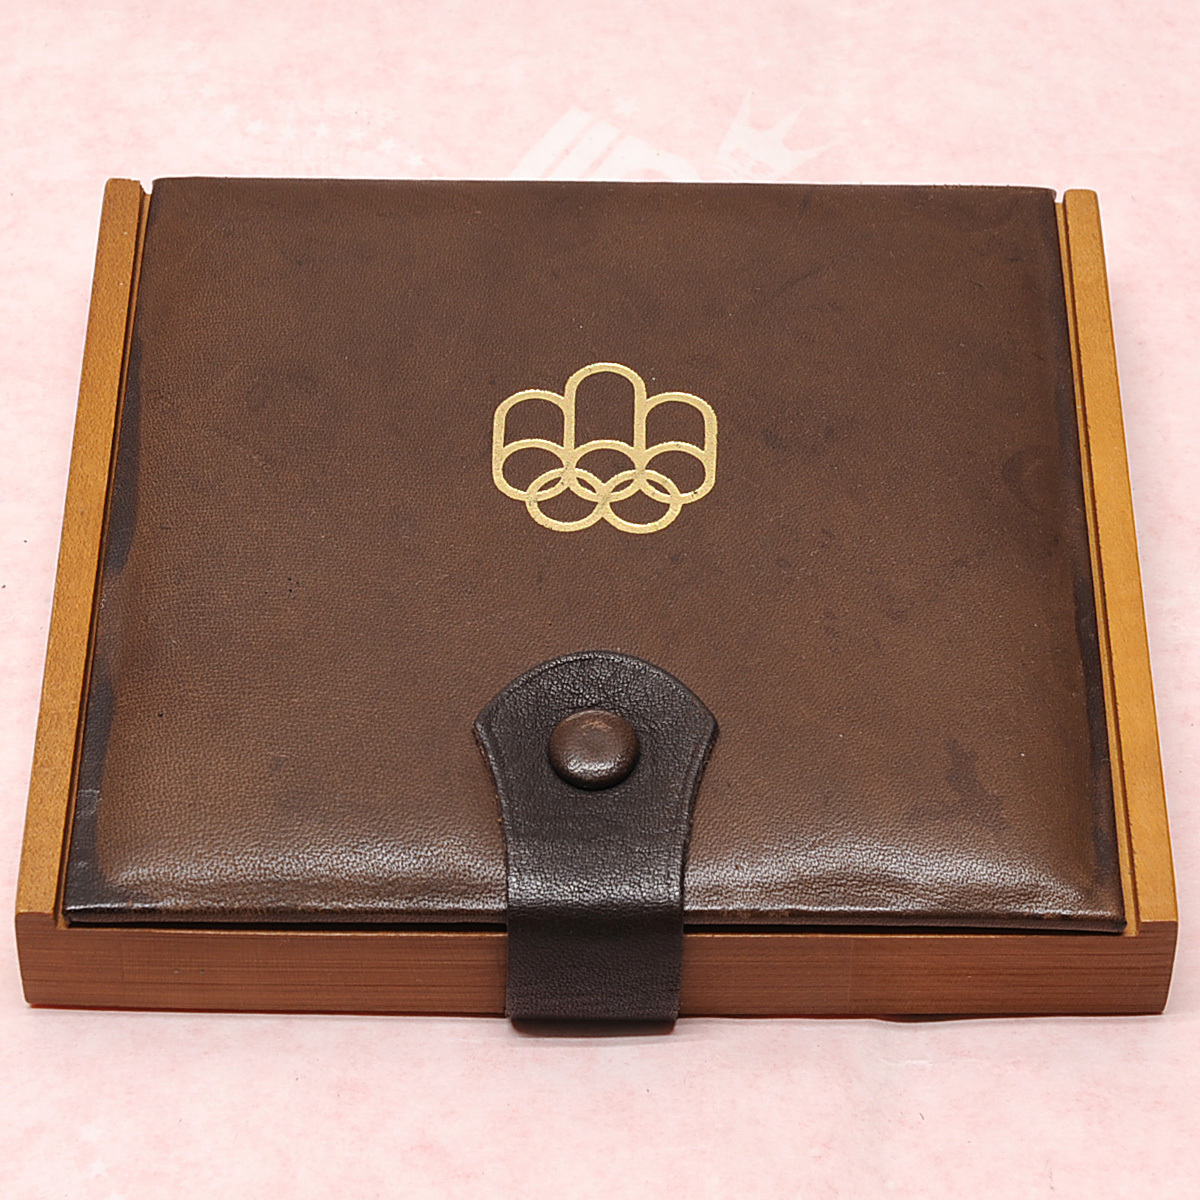 モントリオールオリンピック 10ドル銀貨×2枚 5ドル銀貨×2枚 送料無料 【m76】 1976年 カナダ COJO76 RENWICK 記念硬貨 エリザベス2世_画像6